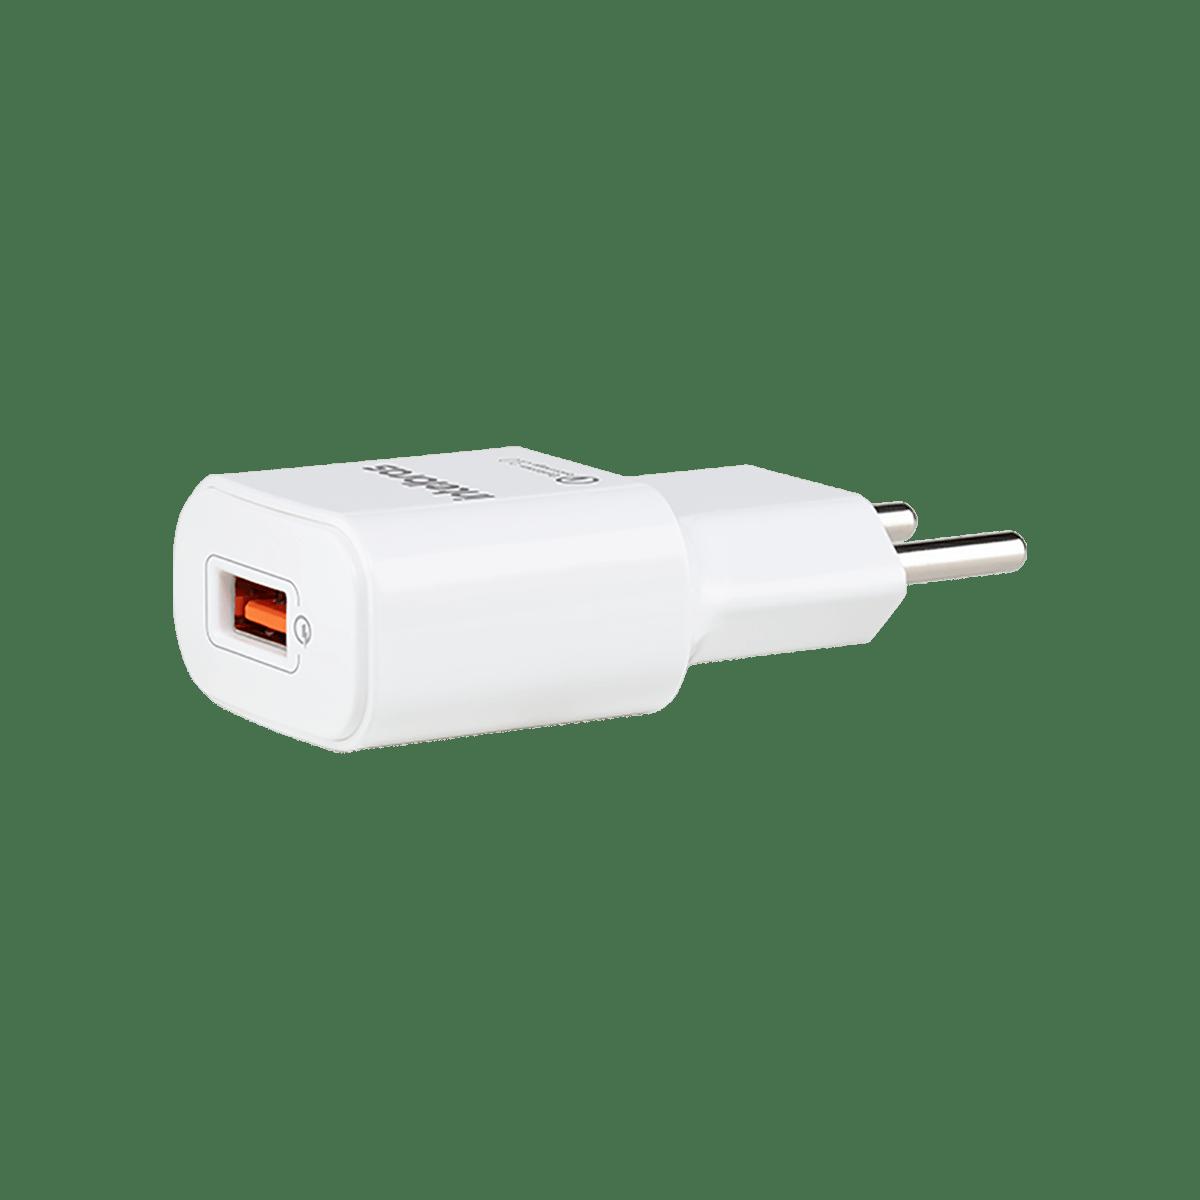 Carregador USB Intelbras EC1  Quick Branca